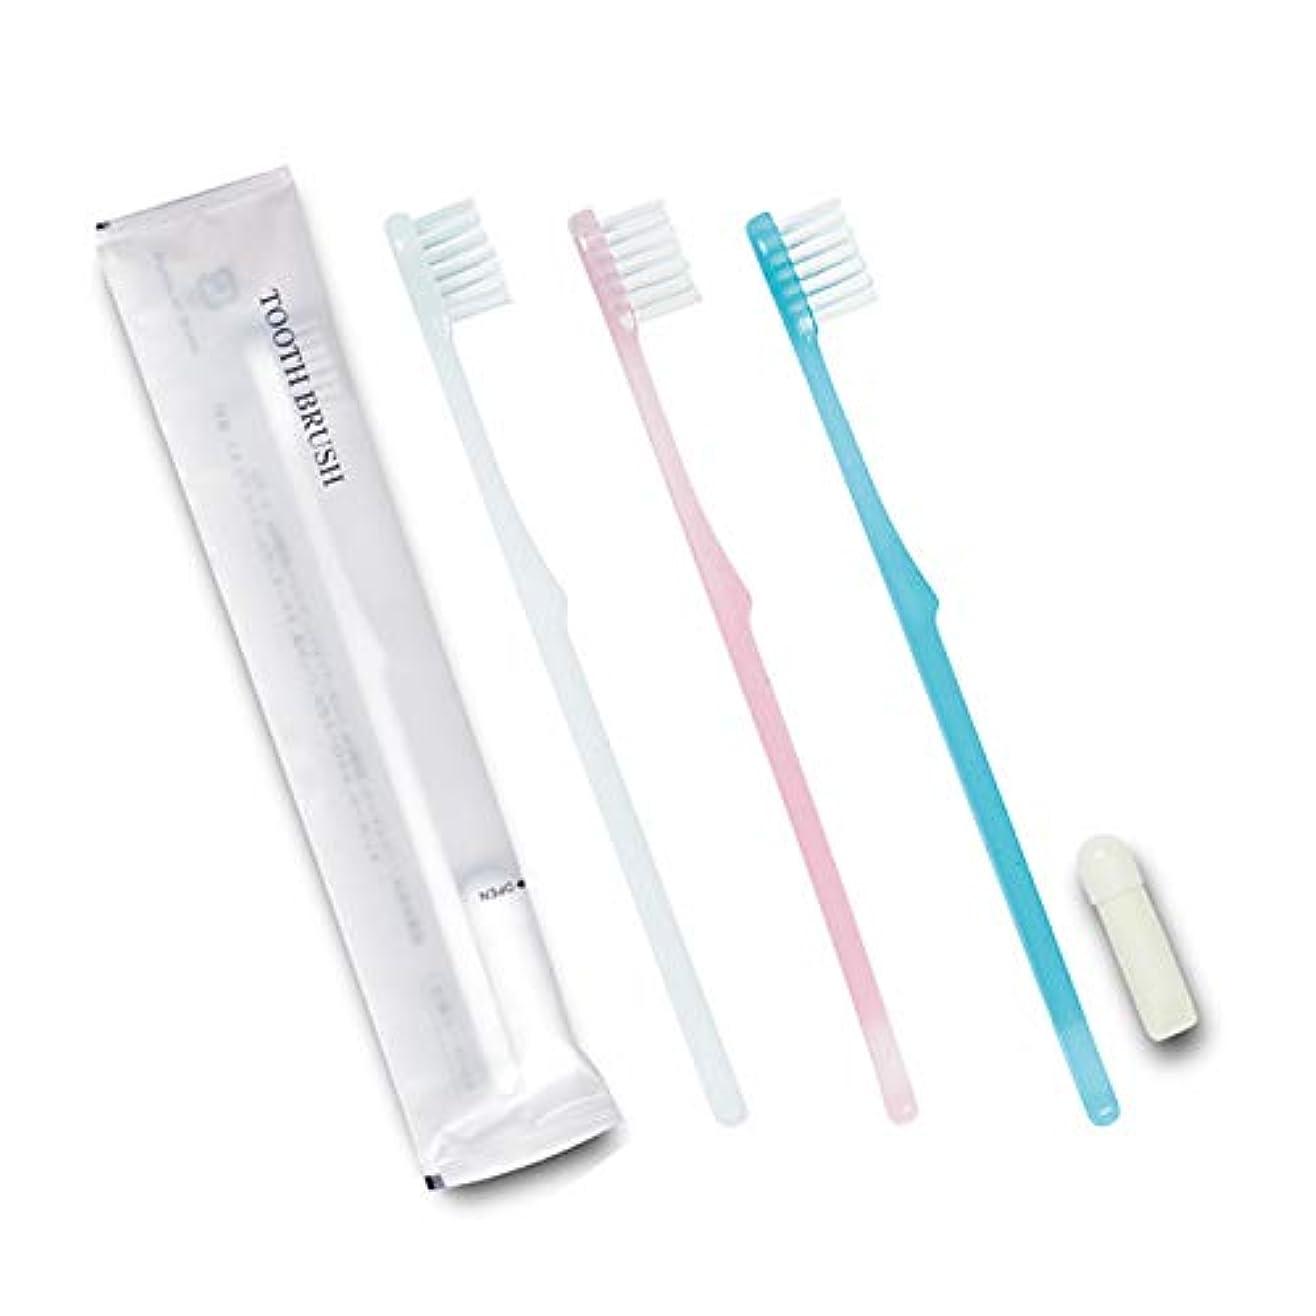 含める流暢過度のホテル業務用歯ブラシ24穴(白?ブルー?ピンク)3色アソート 3gチューブ マット袋Sタイプ 30本